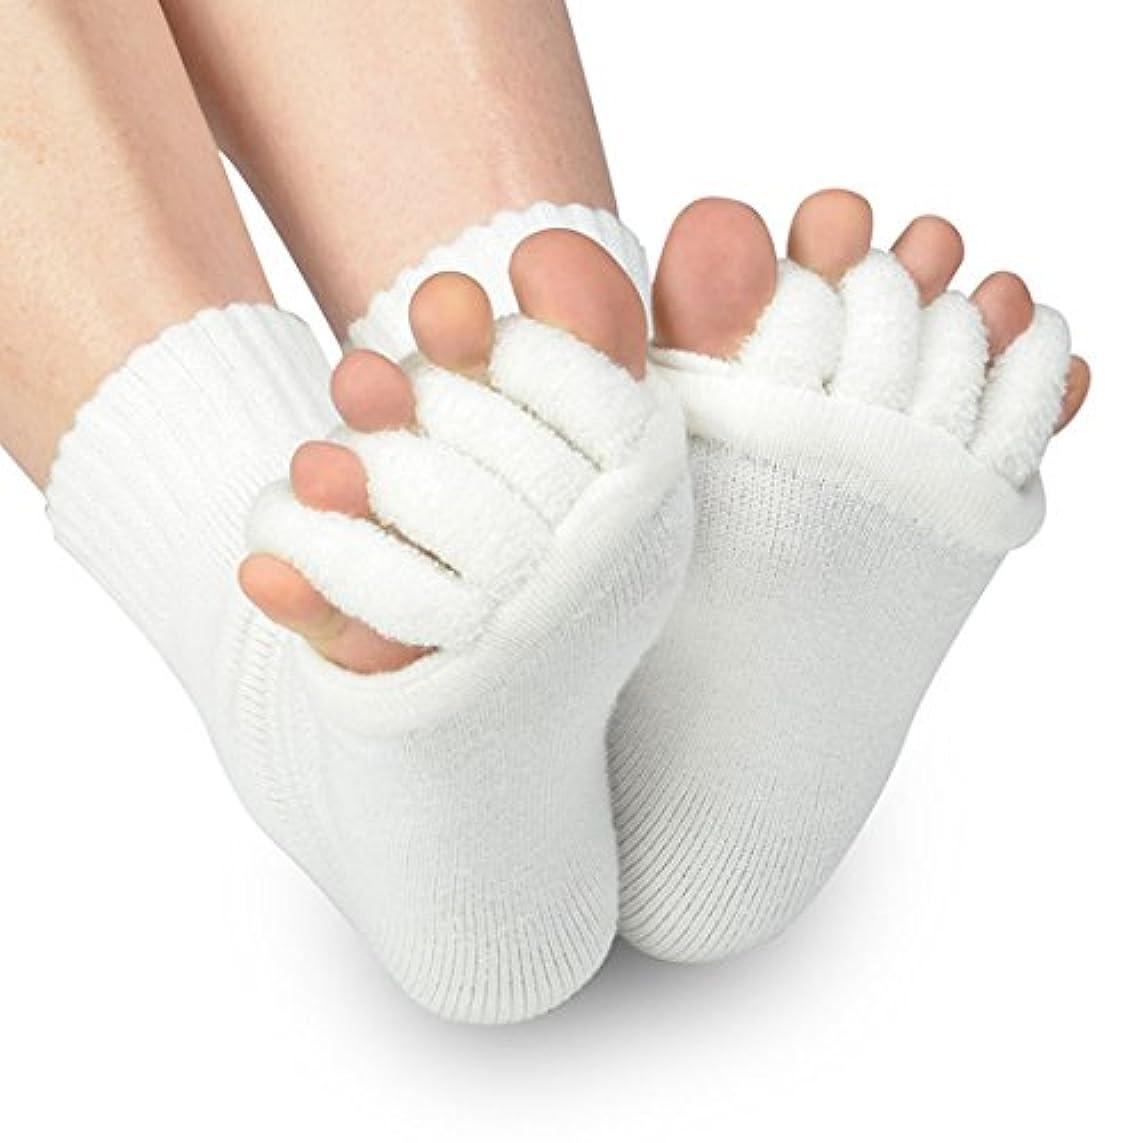 プレゼント放牧する好きB-PING 靴下 足指開き綿混5本指ハーフソックス 血行不良からくる足のむくみを即解消 足指開き 足指全開 男女兼用 履くだけで癒される 偏平足 対策 むくみ解消